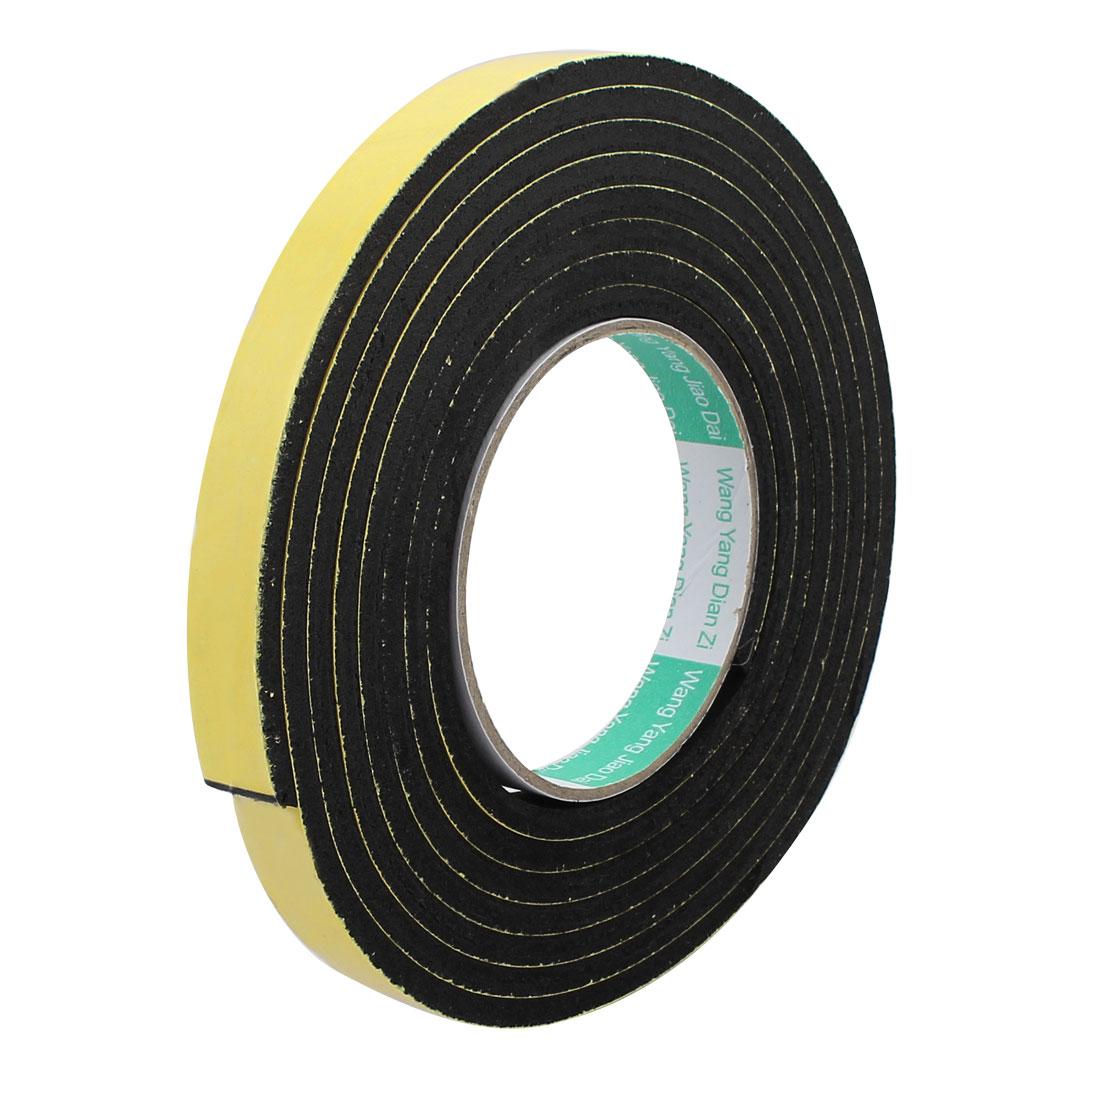 3Meter 15mm x 5mm Single-side Adhesive Shockproof Sponge Foam Tape Yellow Black